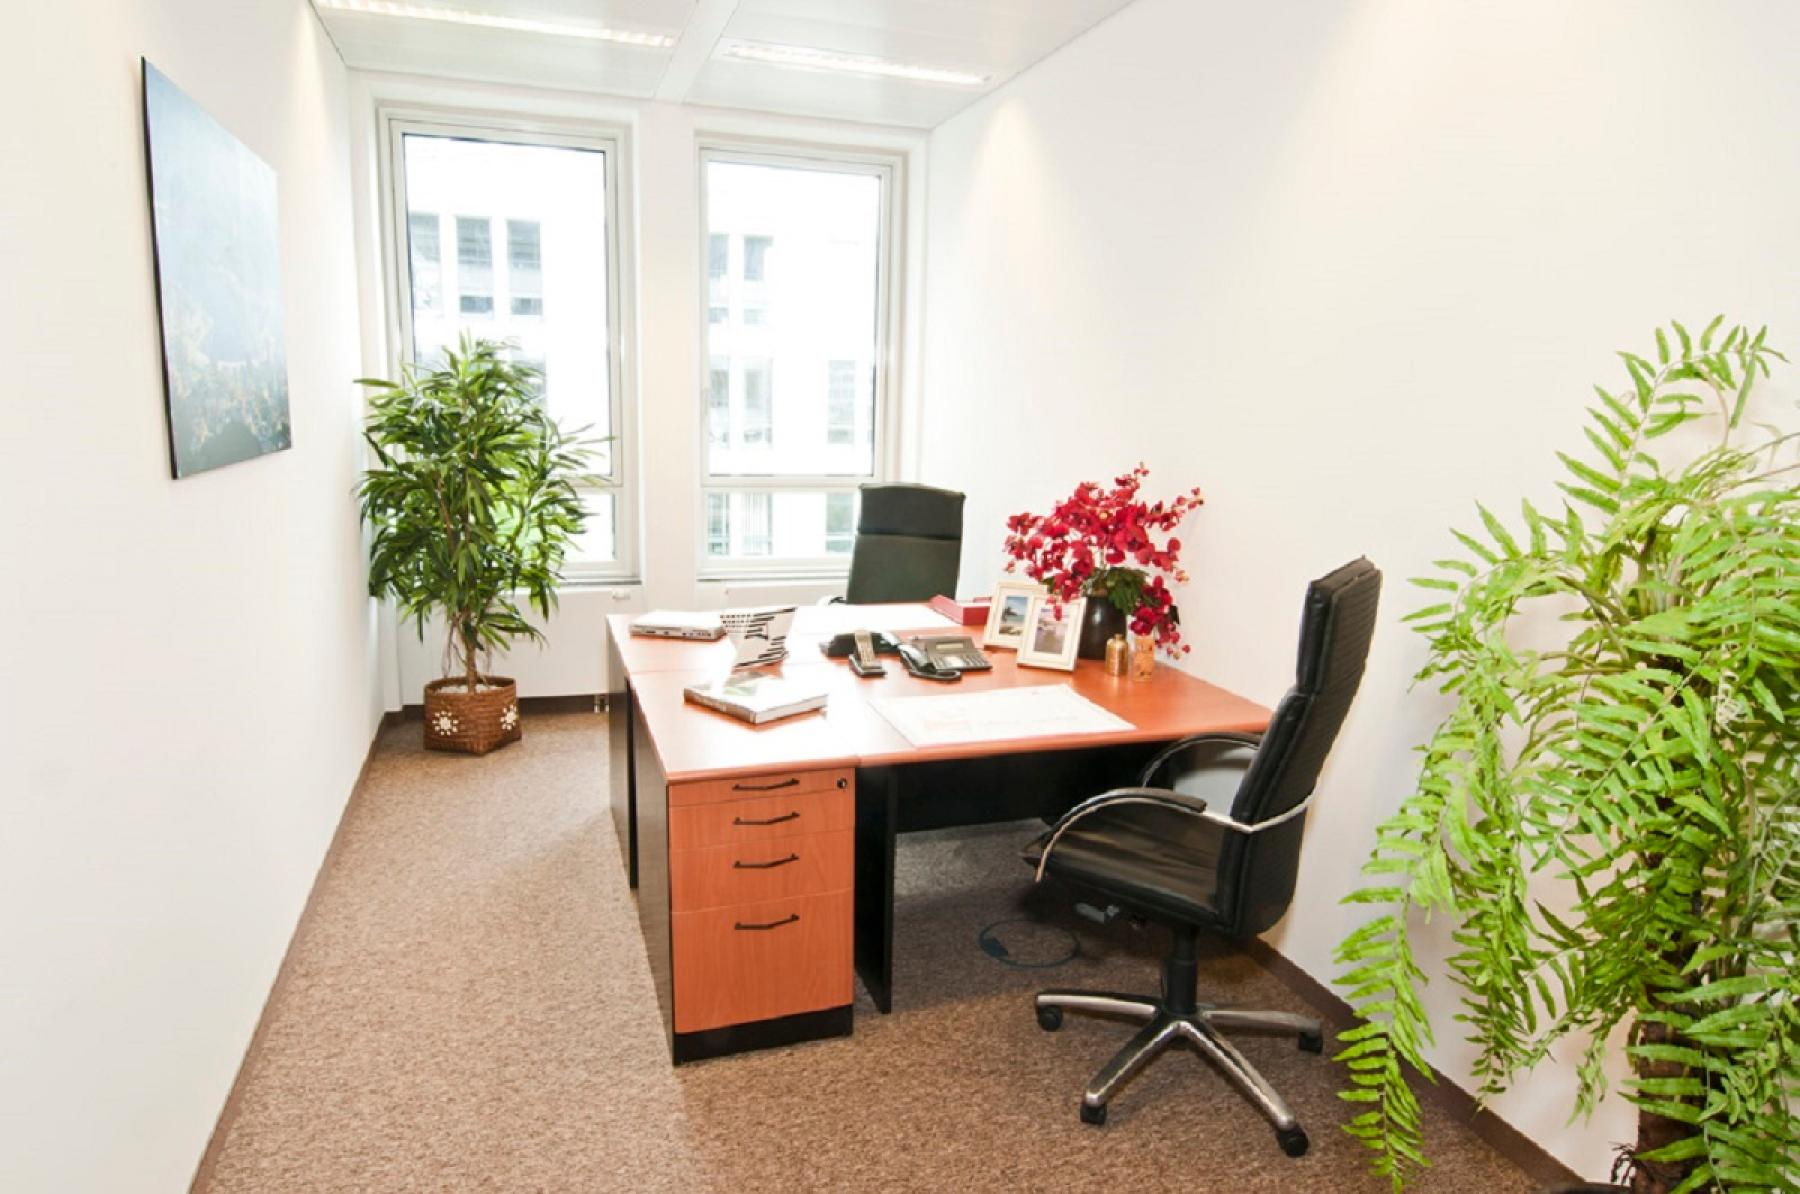 Büro mieten Landshuter Allee 8-10, München (9)